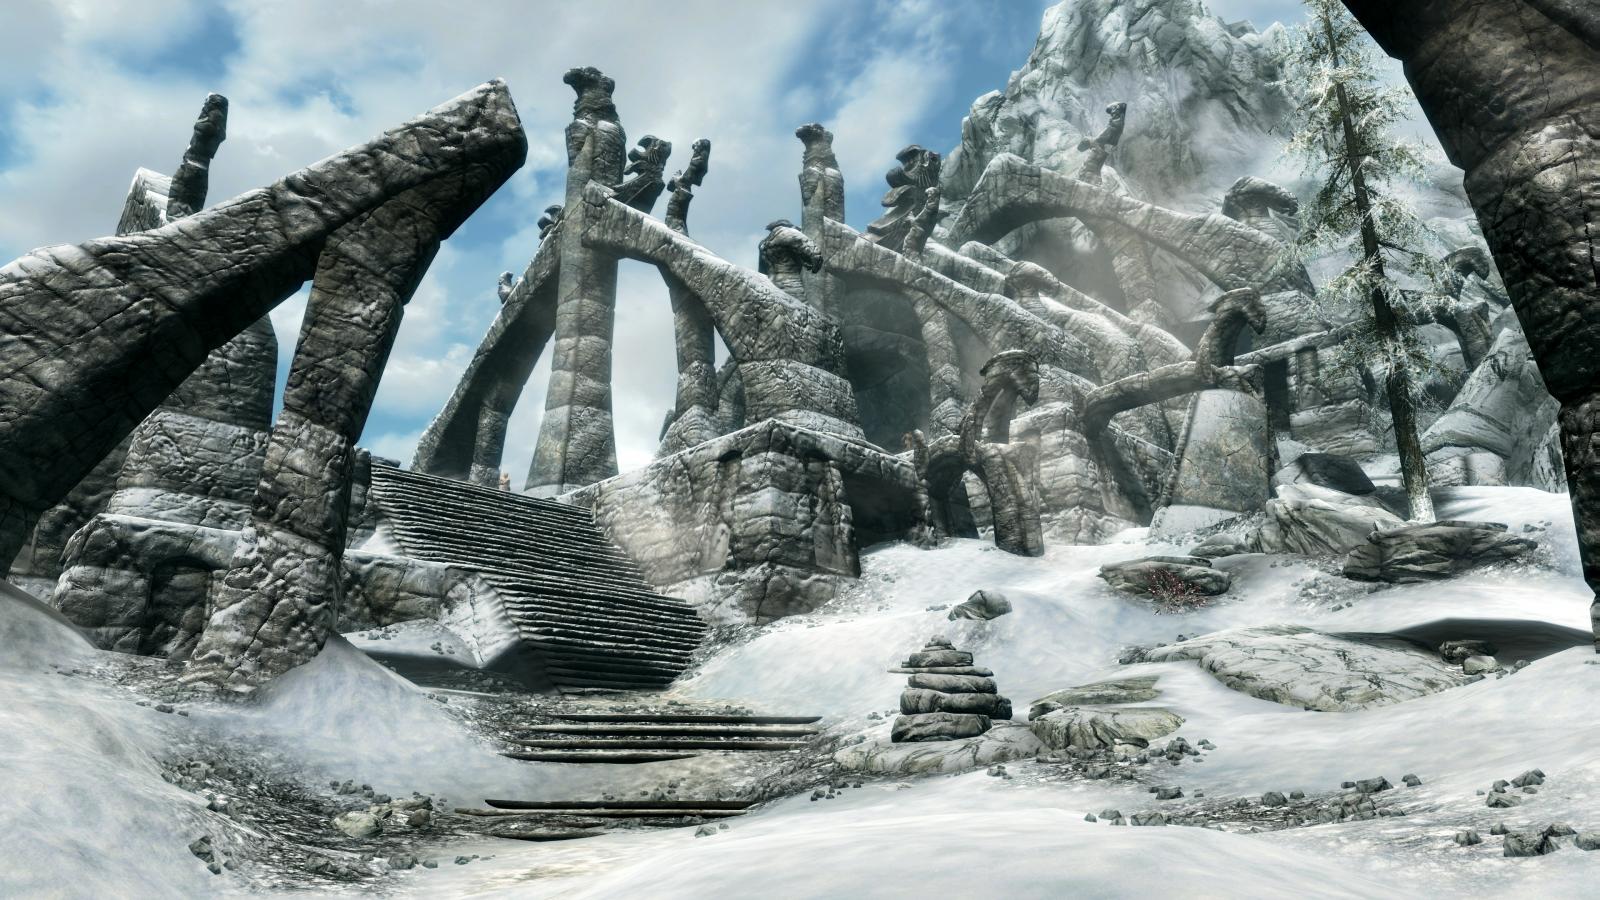 Skyrim Special Edition PC console & item mands for Bethesda s